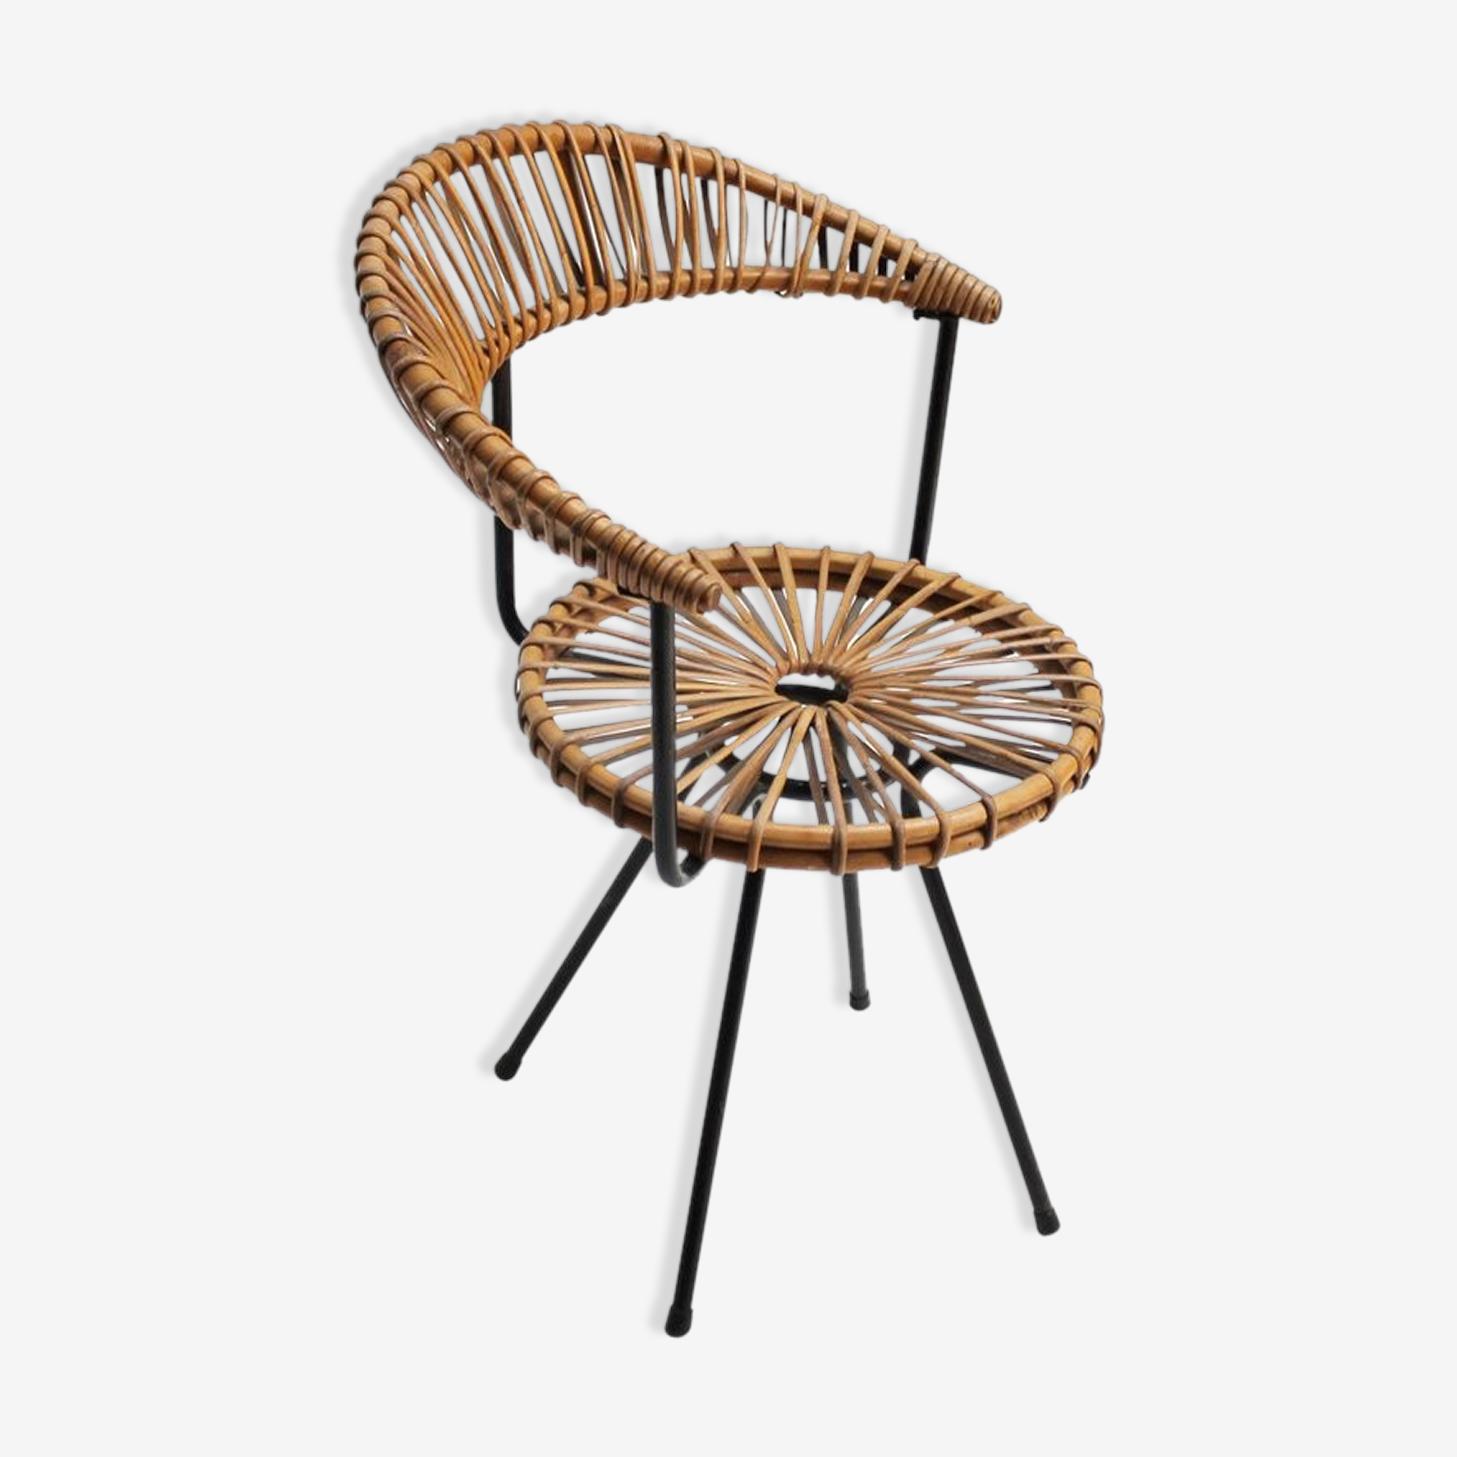 Chaise en rotin par Dirk Van Sliedregt pour Rohe Holland